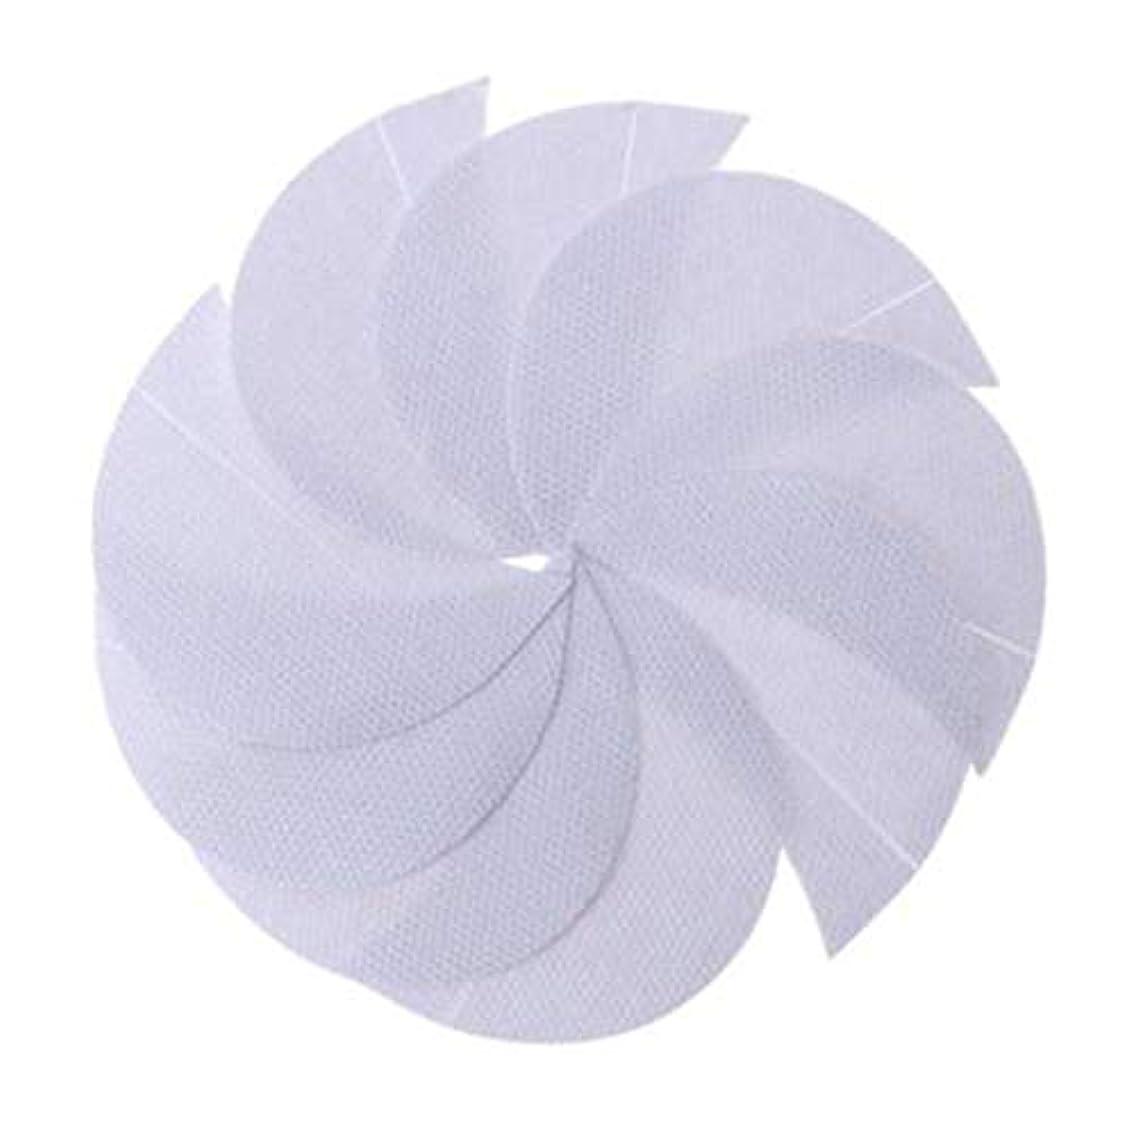 五地平線競争力のあるRabugogo 100個/袋不織布アイシャドーシールドアイシャドージェルパッドパッチアイシャドーステンシル防止まつげエクステ化粧品残留物